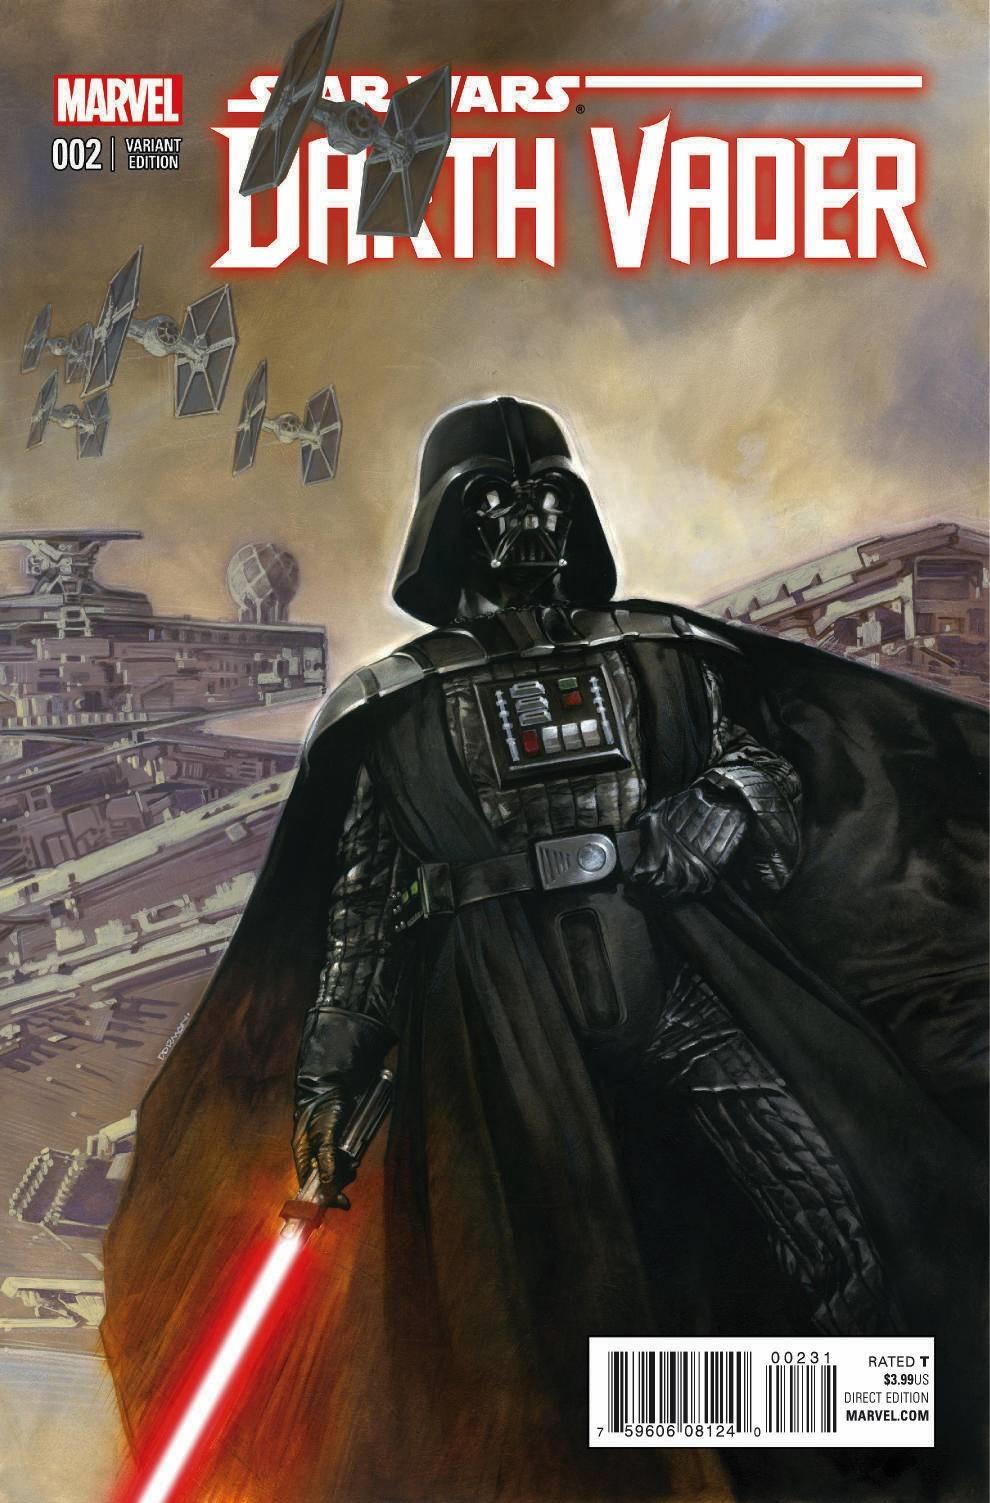 Darth Vader #2 variant